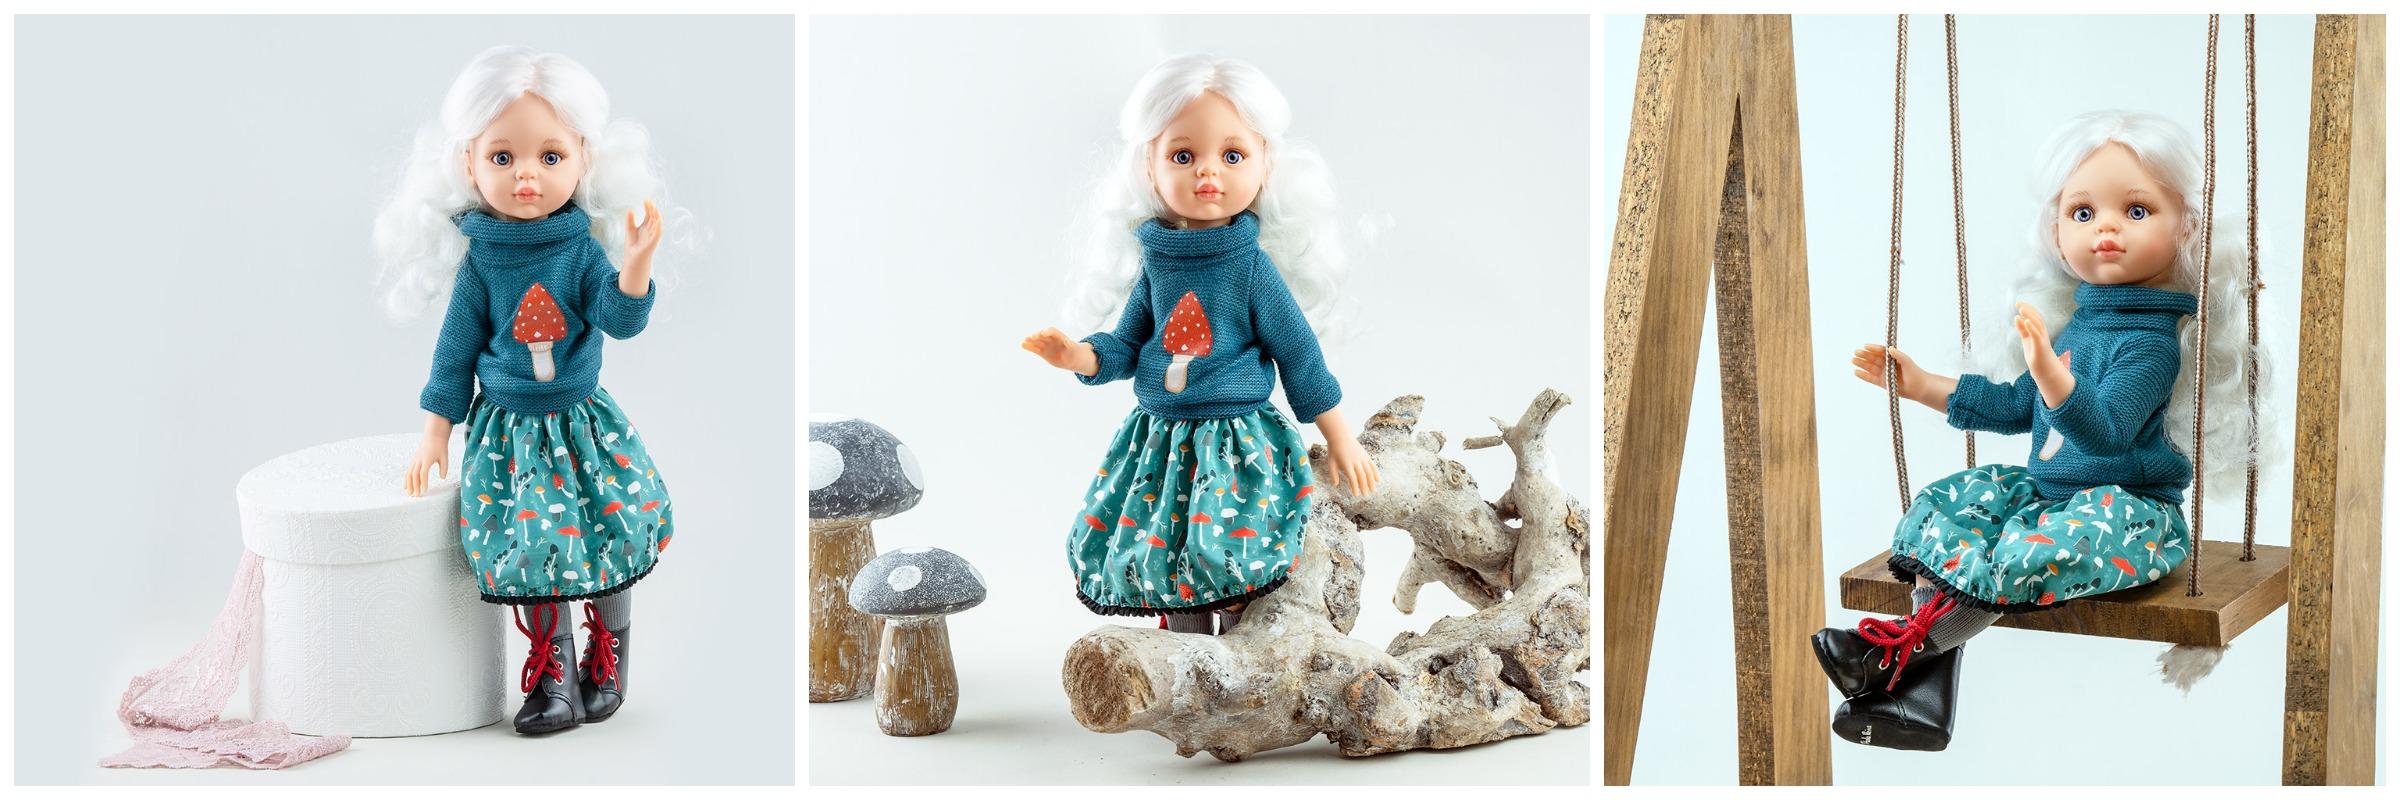 шарнирная кукла паола рейна, кукла на шарнирах испанская